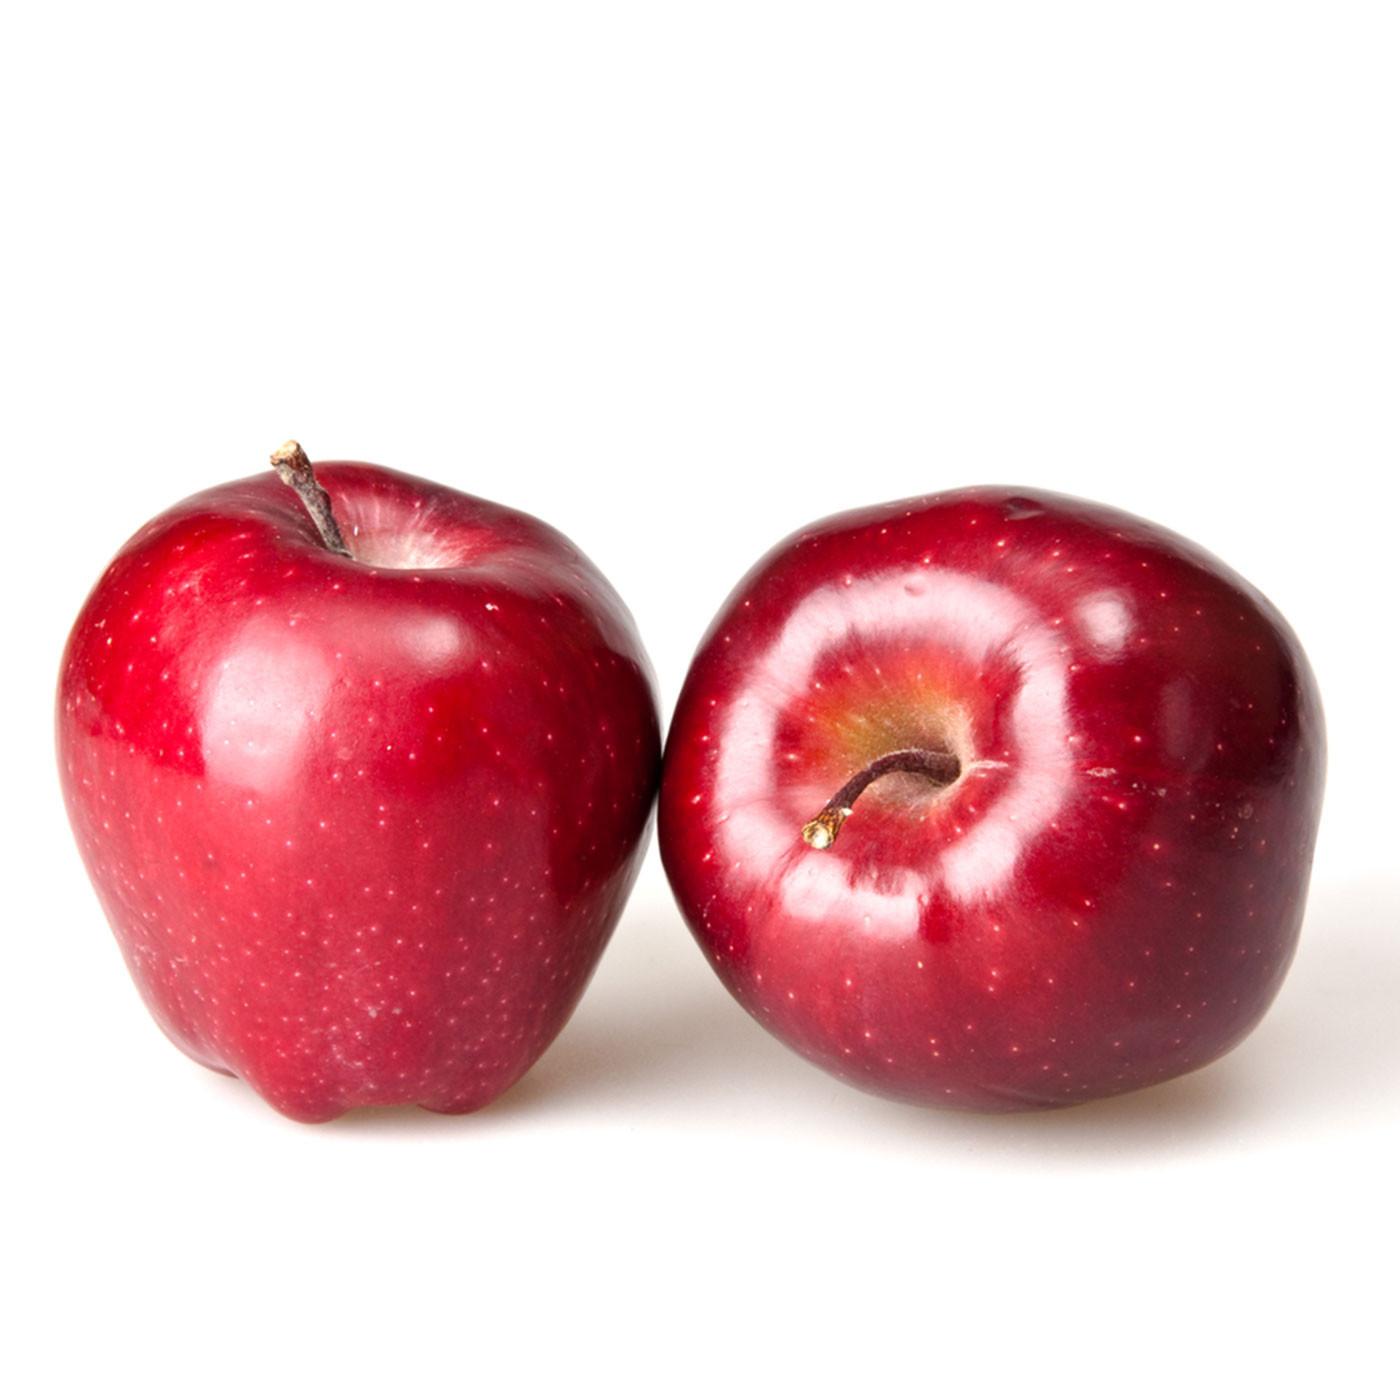 Μήλα Στάρκιν Βόλου